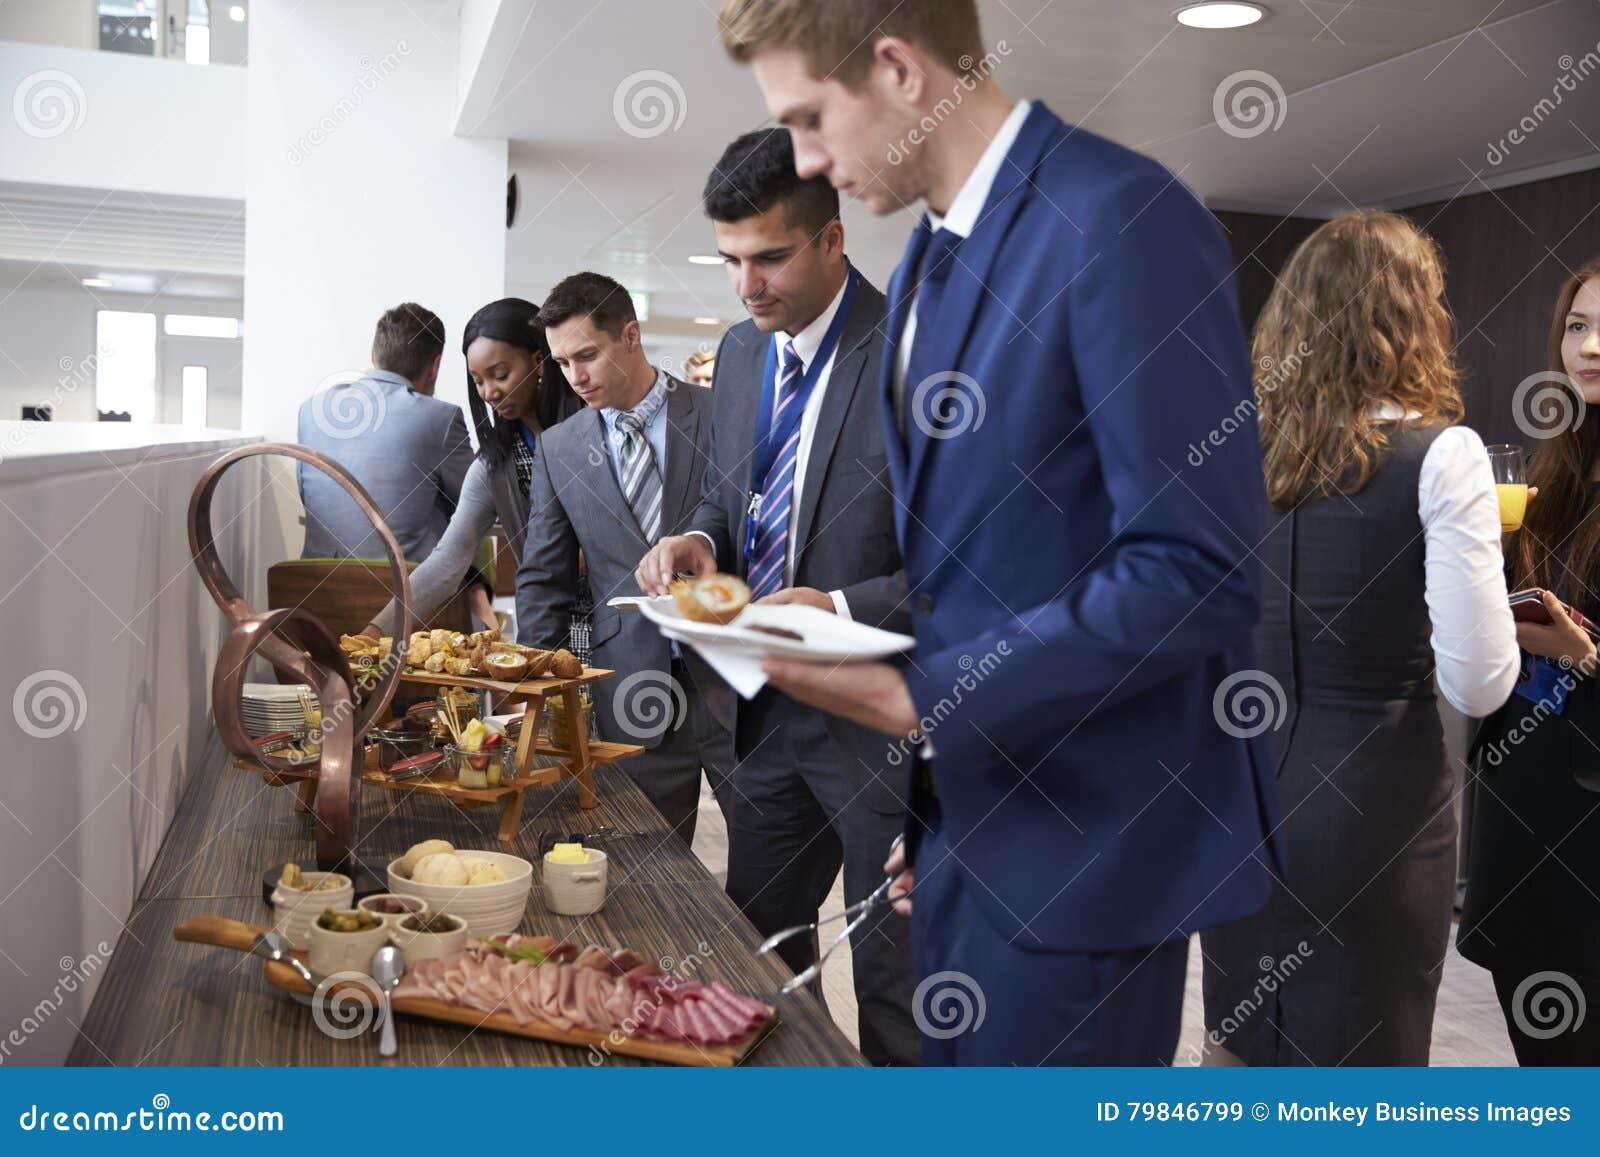 Delegati al buffet del pranzo durante la pausa di conferenza